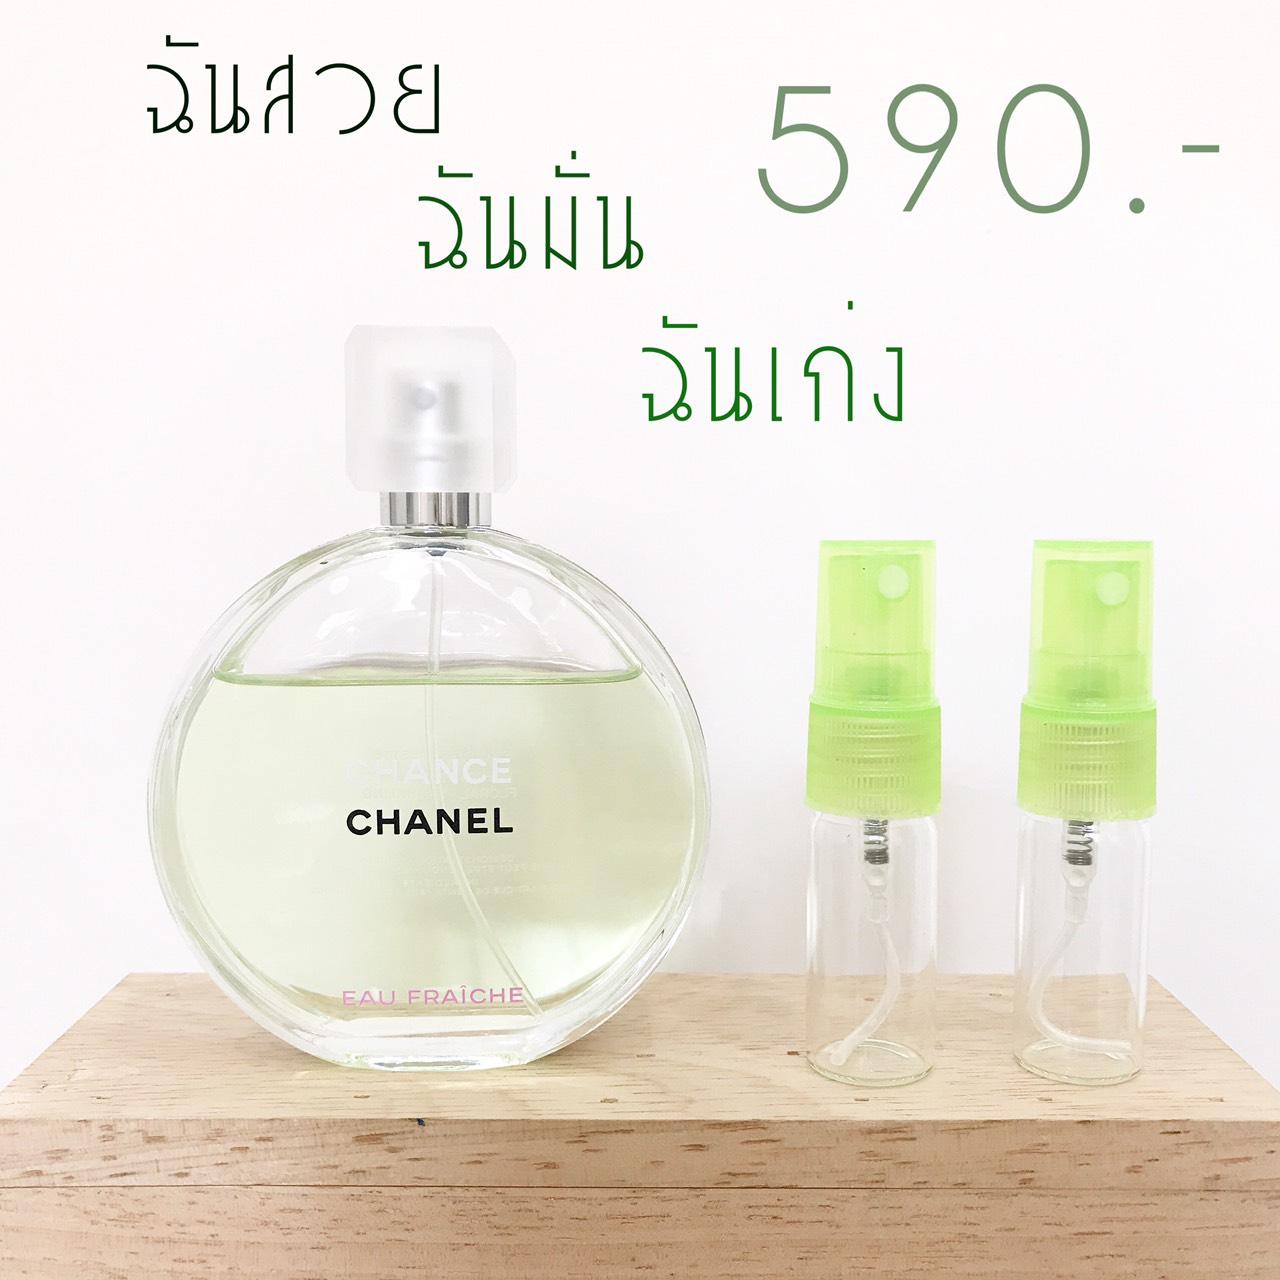 น้ำหอมแบ่งขาย Chanel Chance Eau Fraiche EDT ขนาด 10ml.